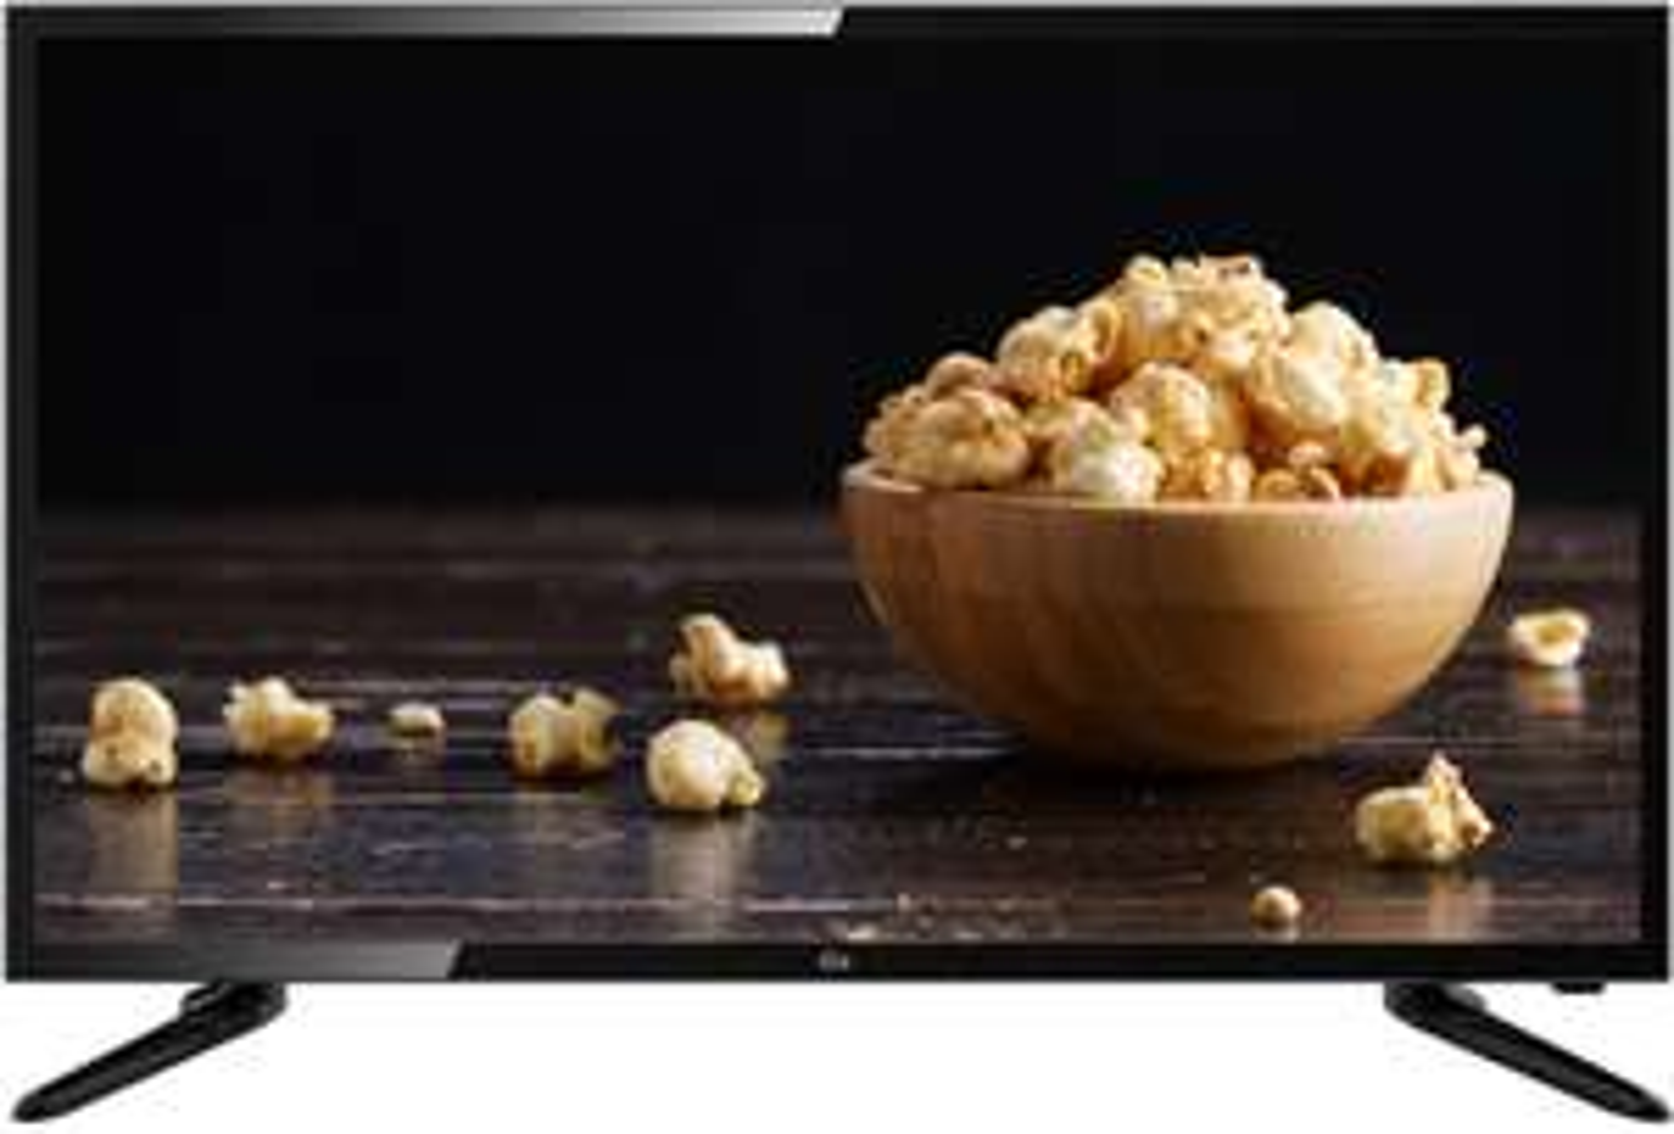 """TV 32"""" Kasia limited TL32K10-TP - LED, HD Ready (1366 x 768)"""